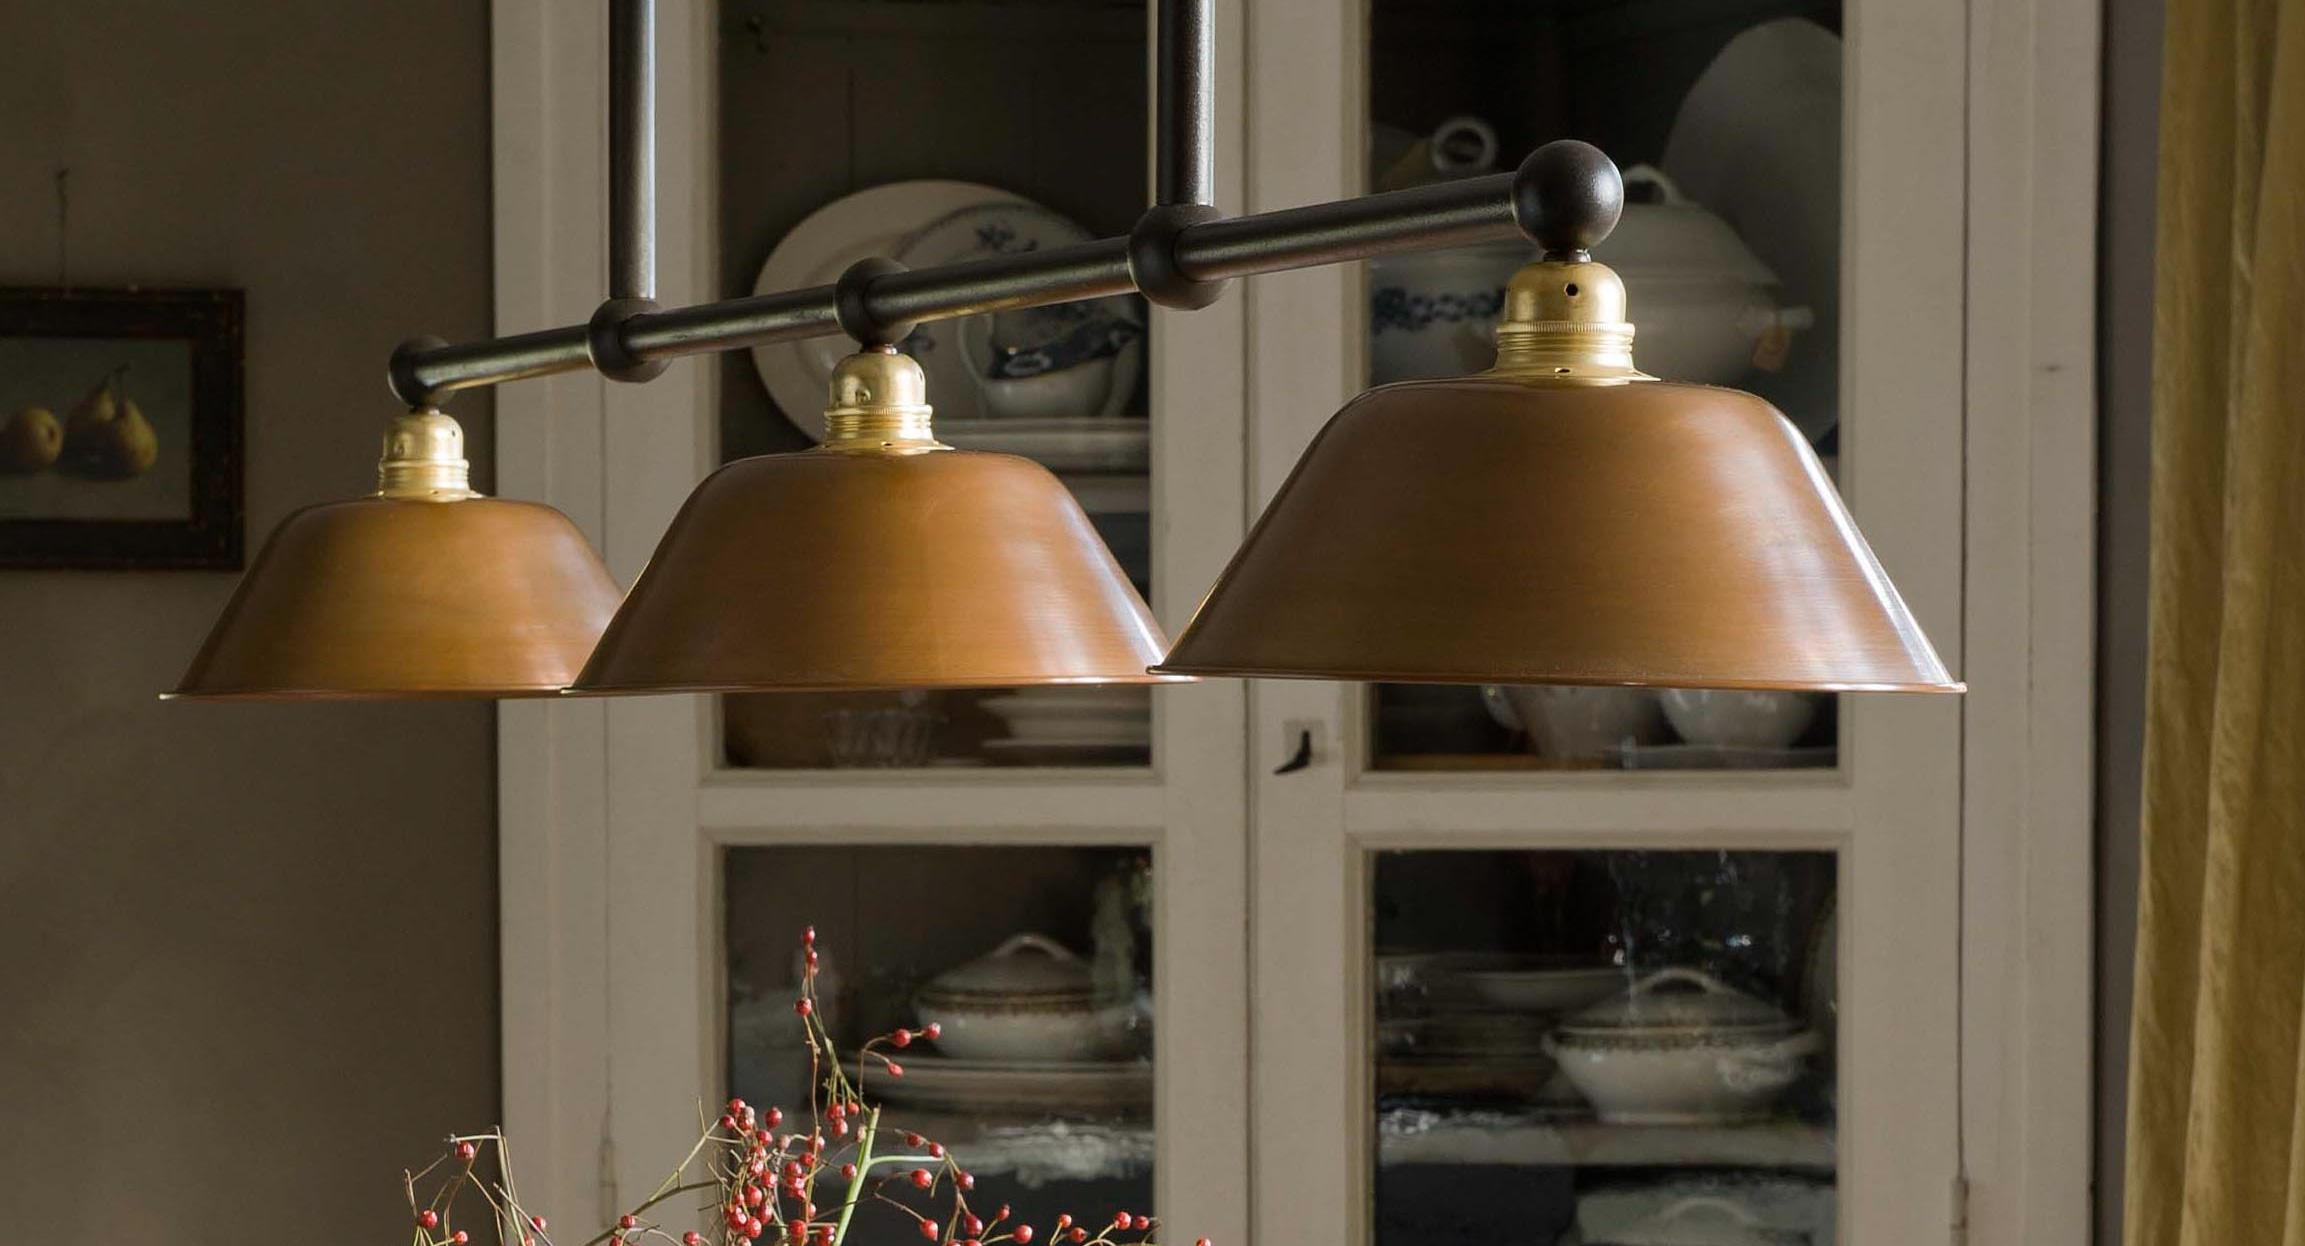 Landelijk Keuken Lampen : Landelijke verlichting sfeerlicht in landelijke villa maretti